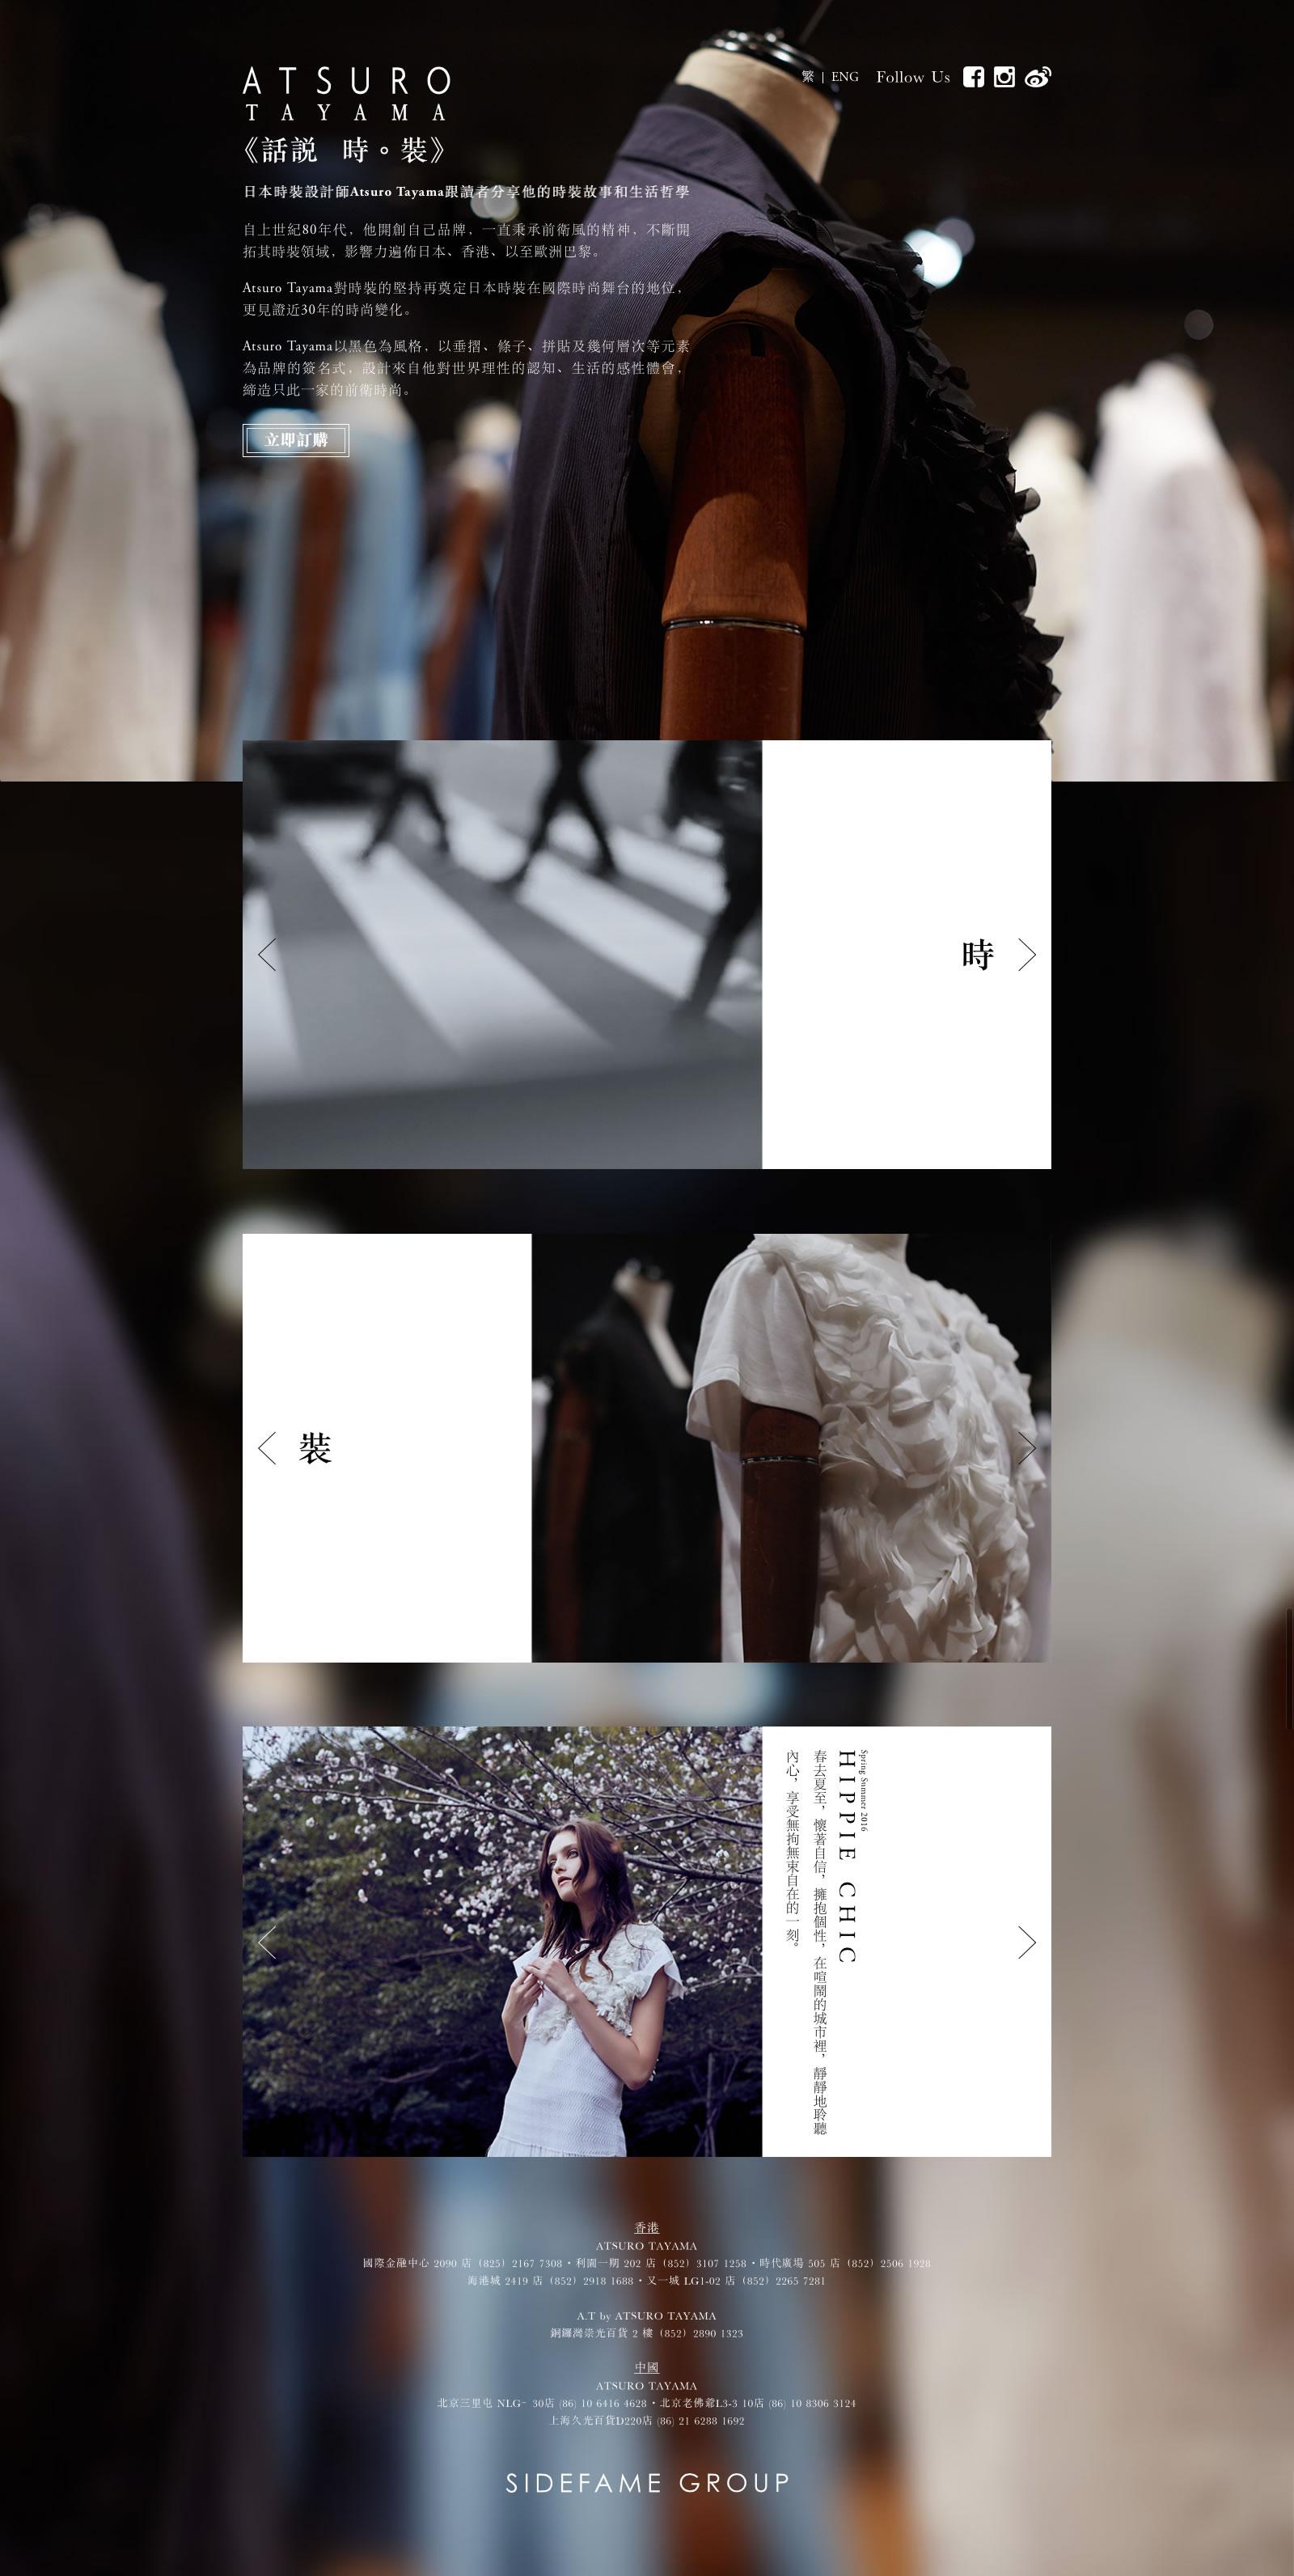 aturo-tayama-brandbook-2016